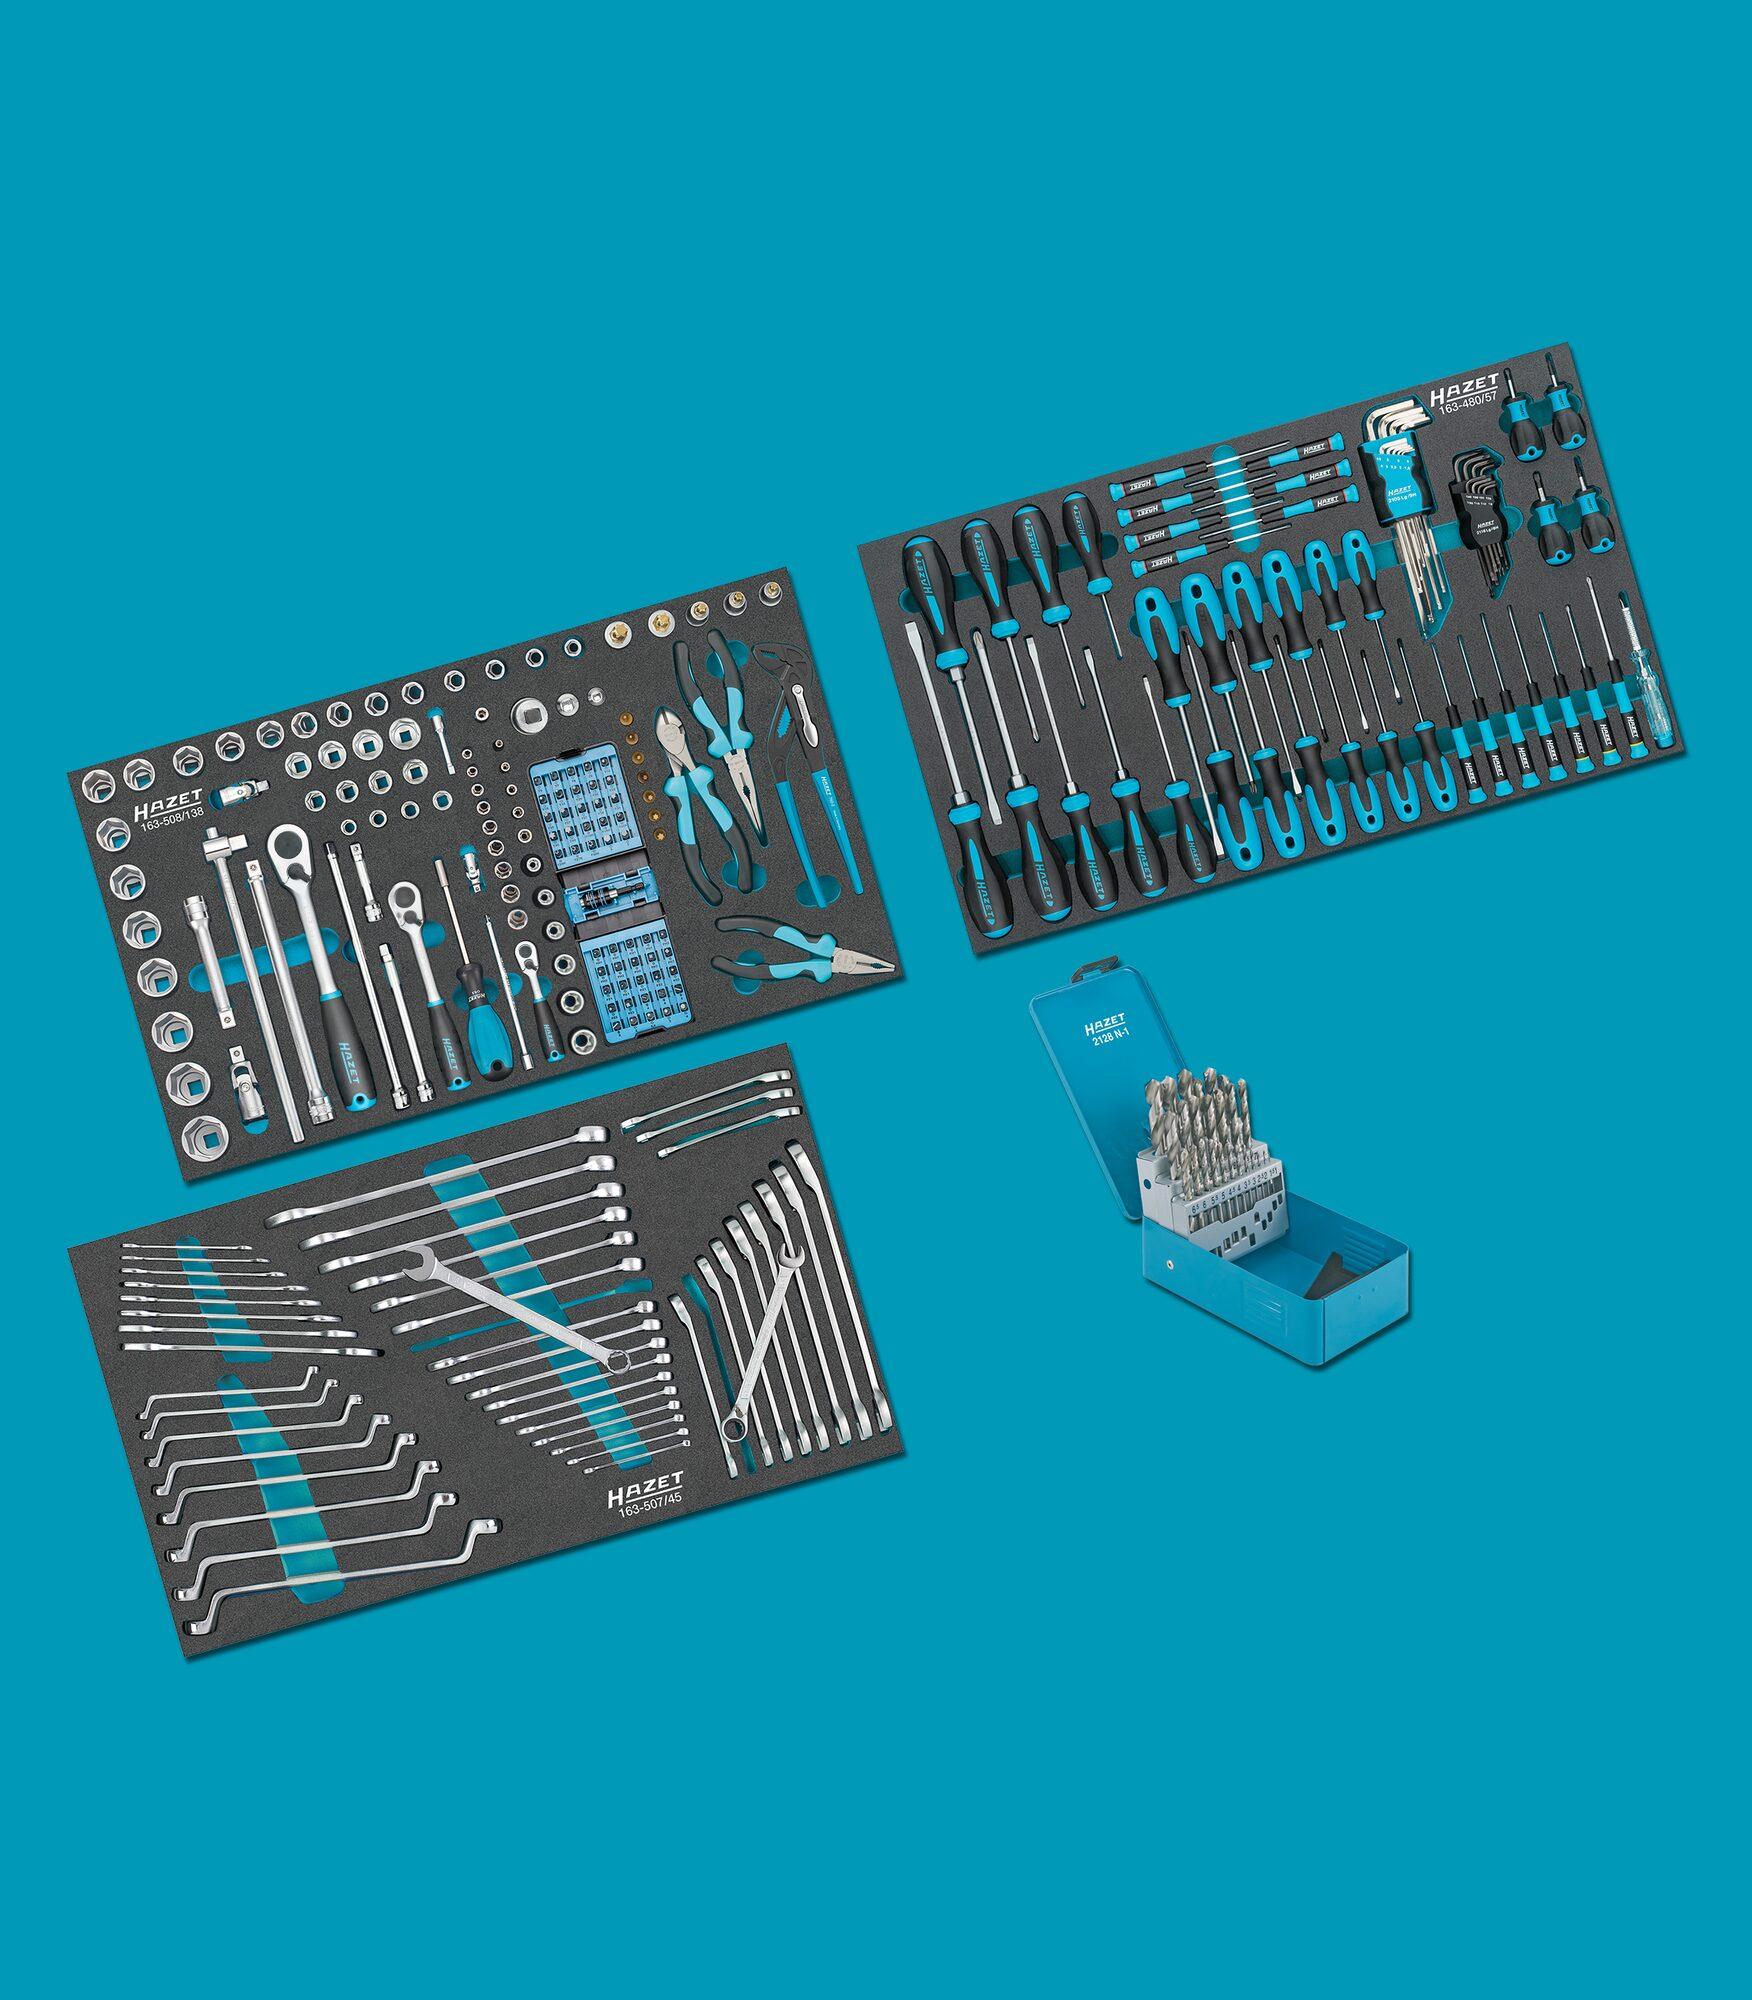 HAZET Werkzeug Sortiment 0-179NXL/265 ∙ Anzahl Werkzeuge: 265